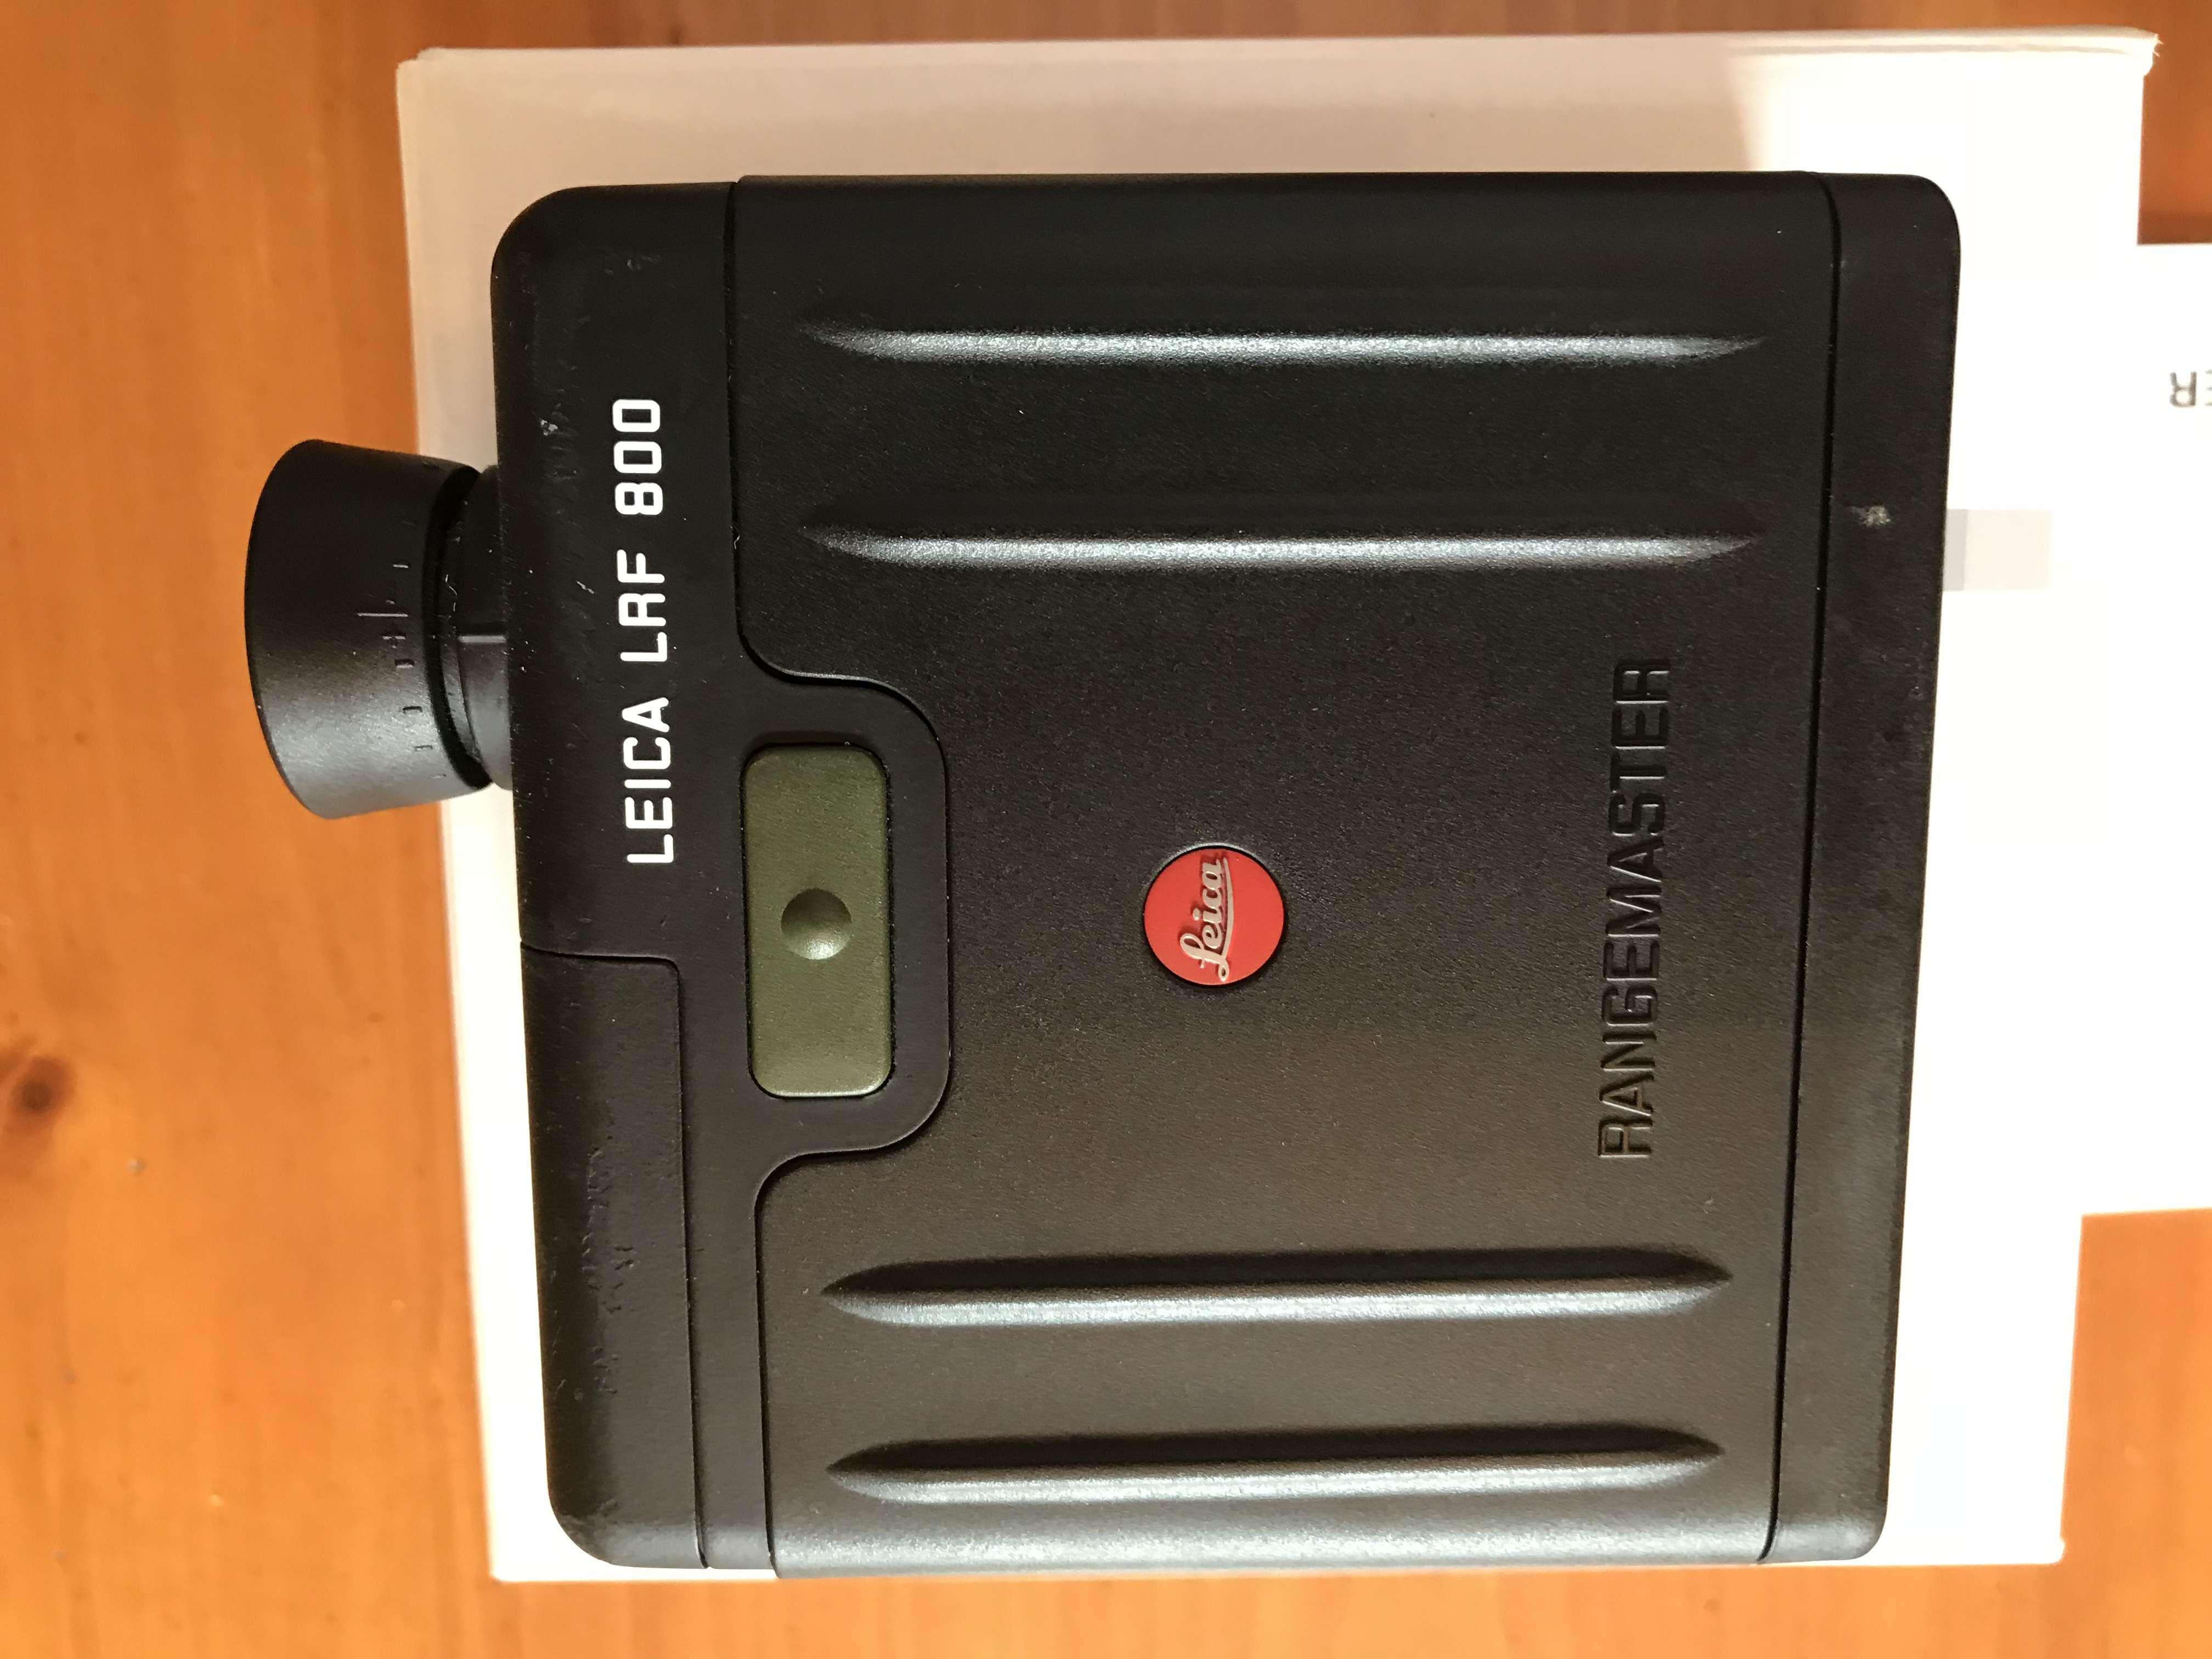 Leica Entfernungsmesser Lrf 800 : Leica lrf hourcampfire